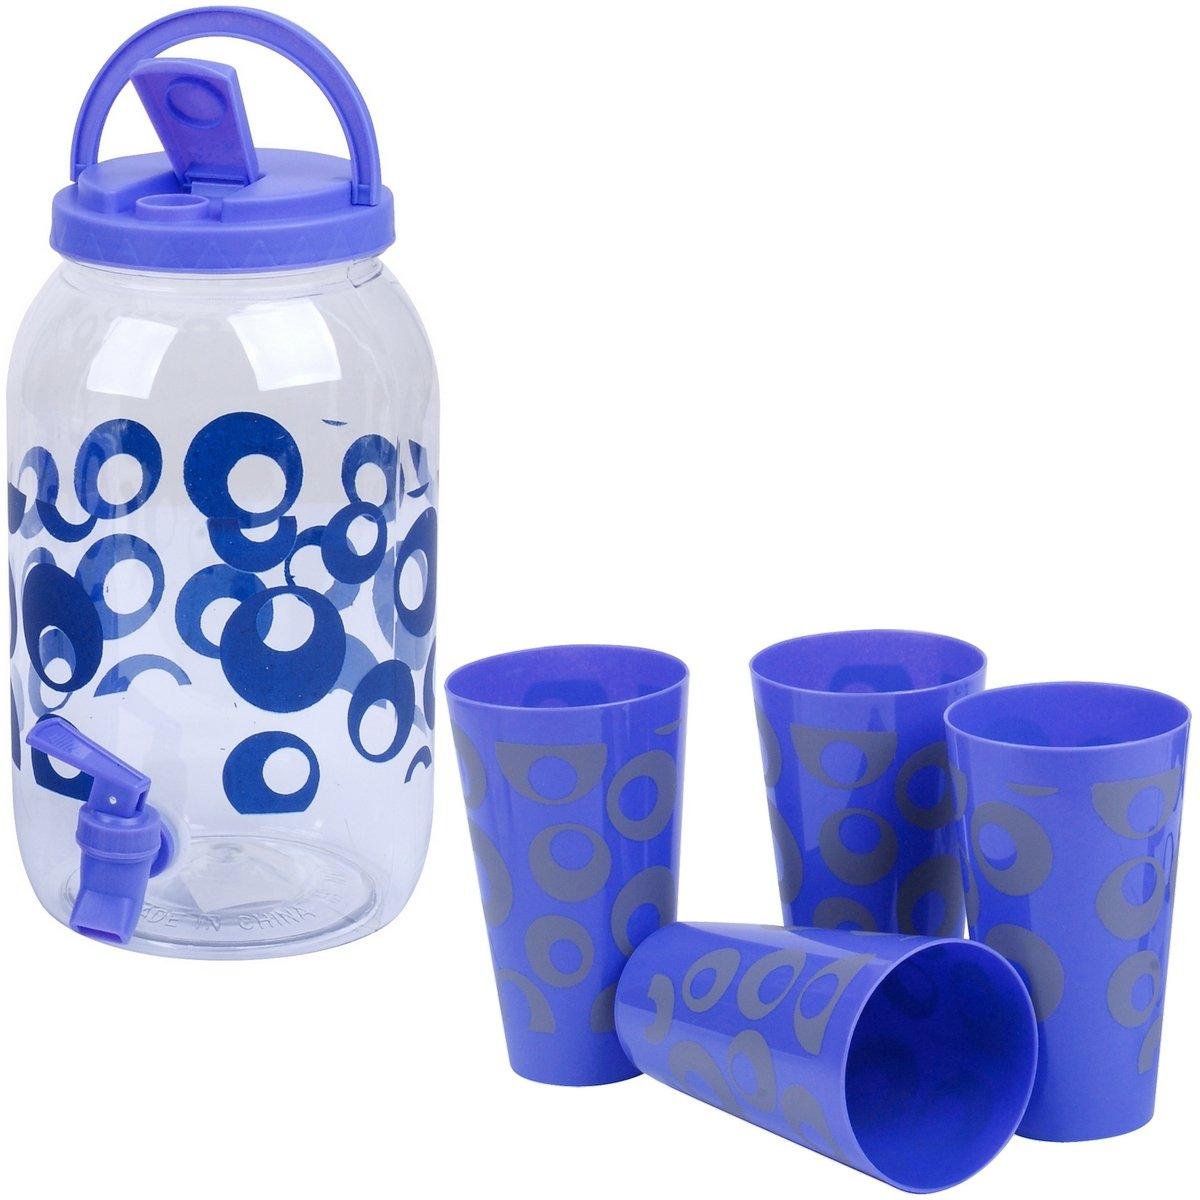 Promobo Set Fontaine Distributeur A Boisson 3,25L Avec 4 Gobelets 0,5L Sp/écial Rafra/îchissement Et Cocktail Bleu